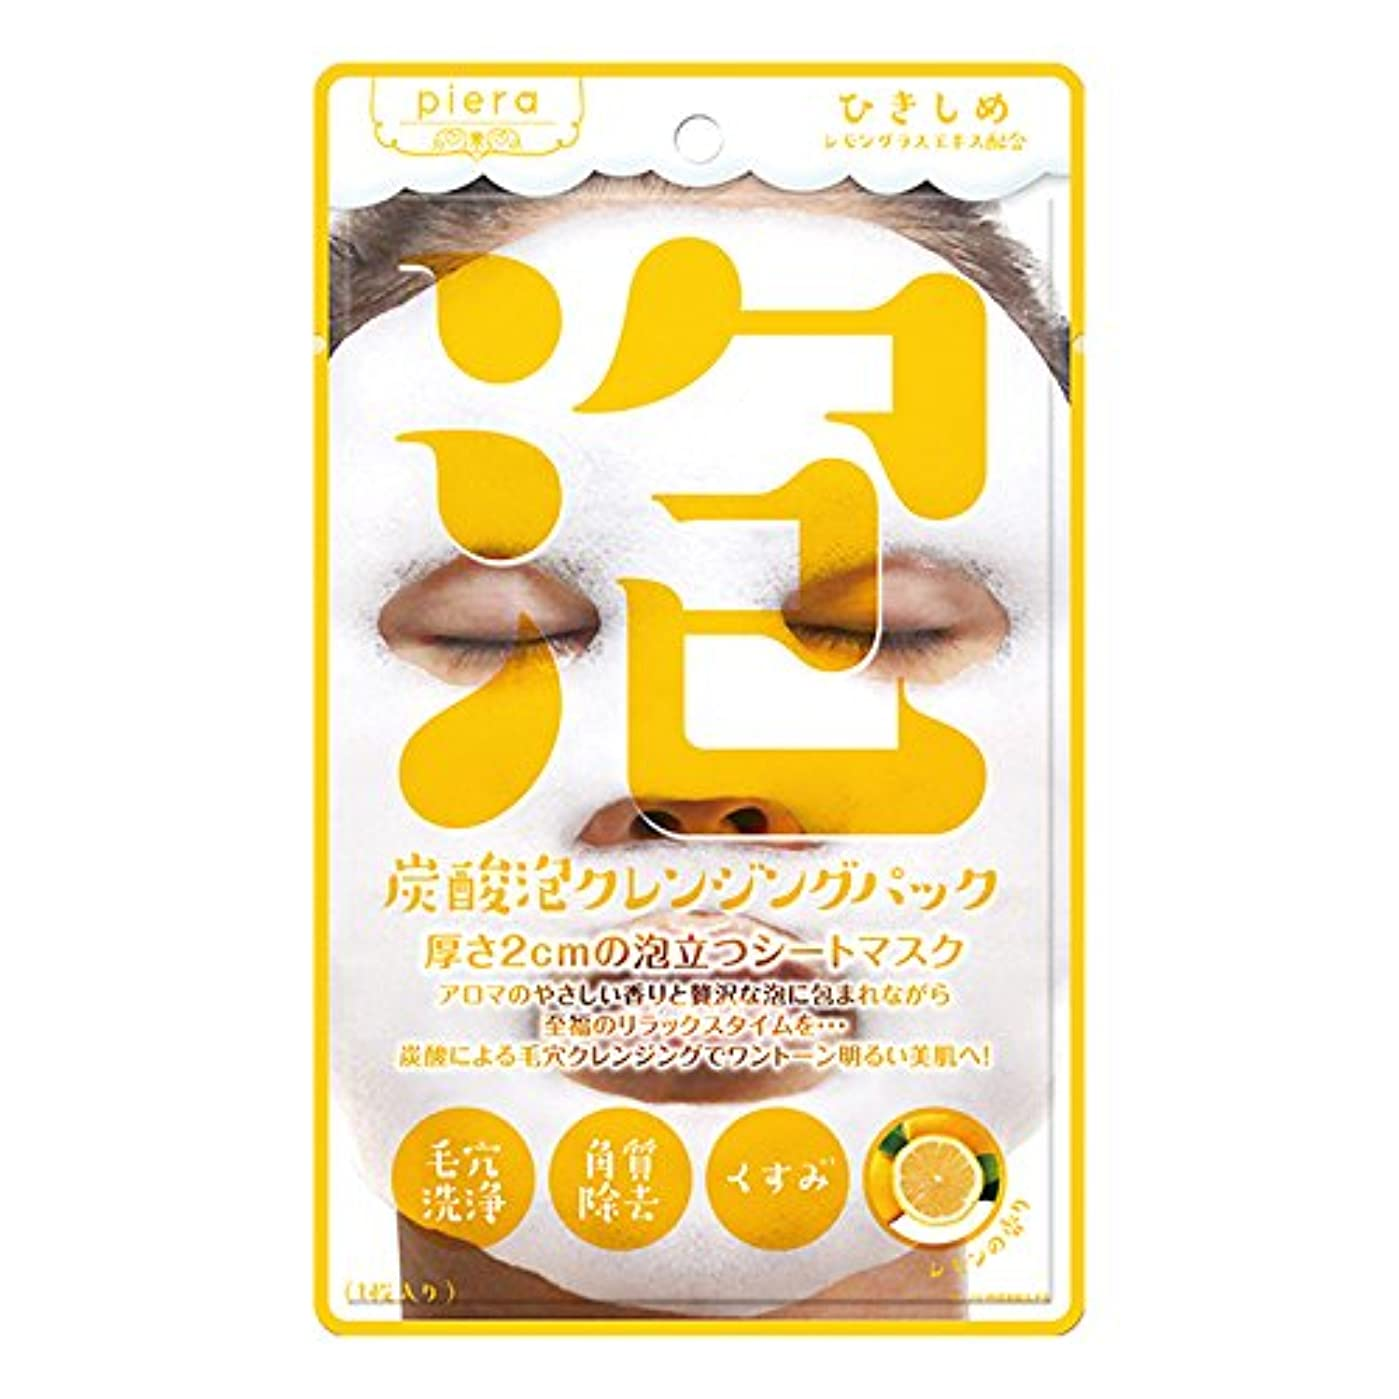 肌寒いマウントバンクモロニックピエラ 炭酸泡パック レモン 1枚